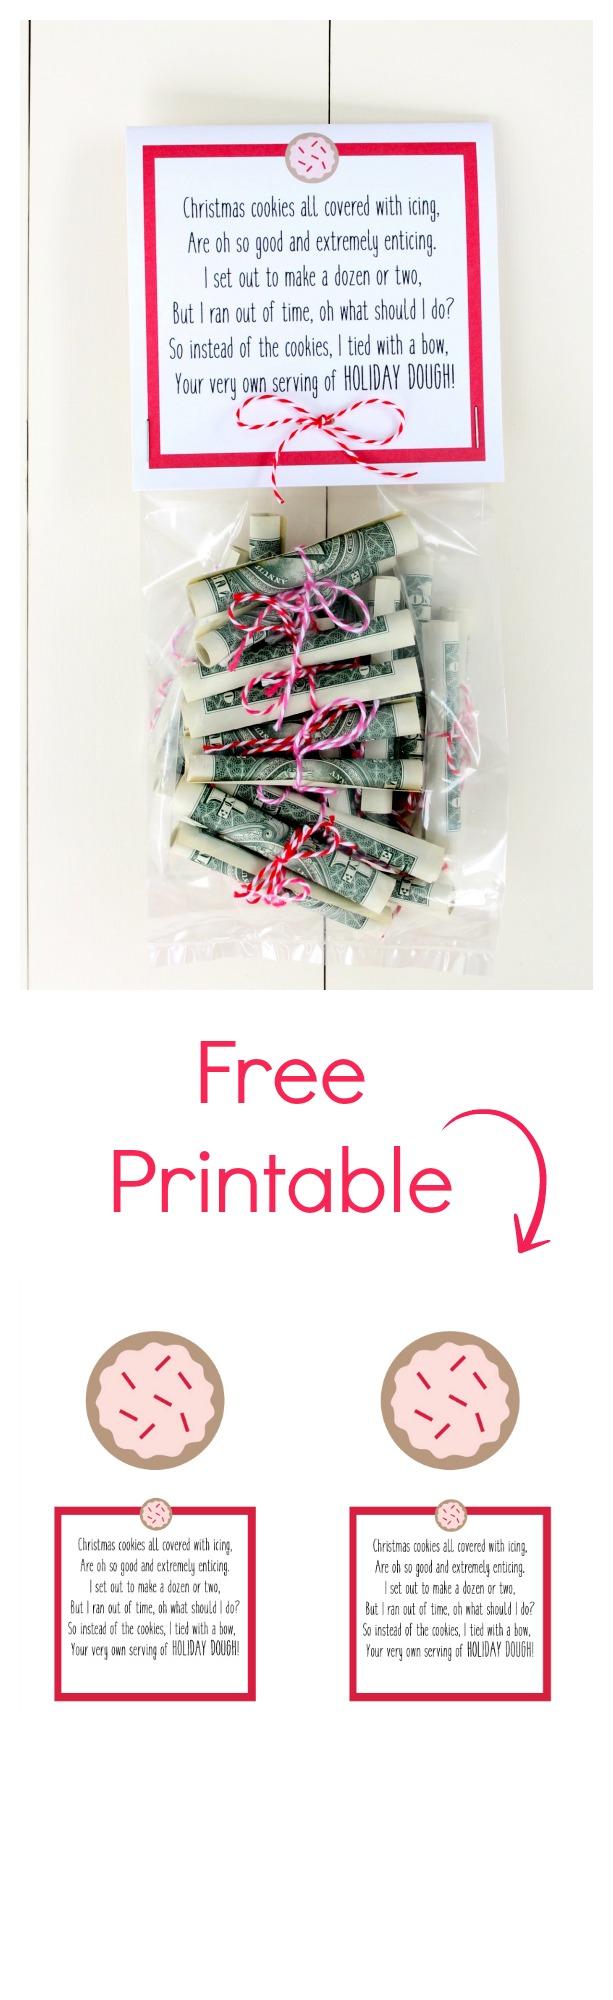 Christmas Money Free Printable. Fun way to give cash for Christmas.